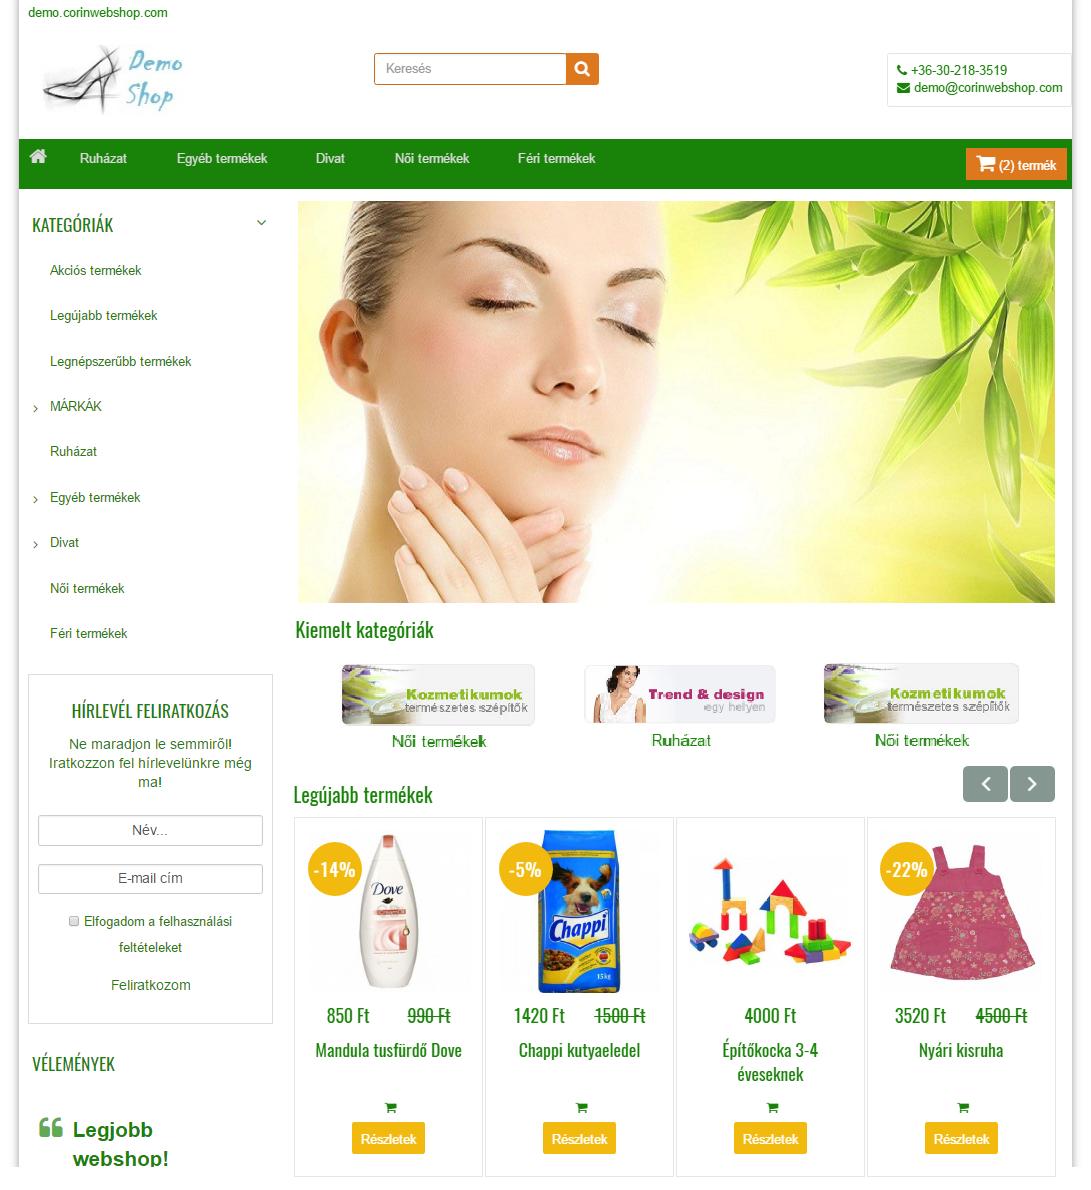 GreenJade - letisztult, funkcionális, friss megjelenés